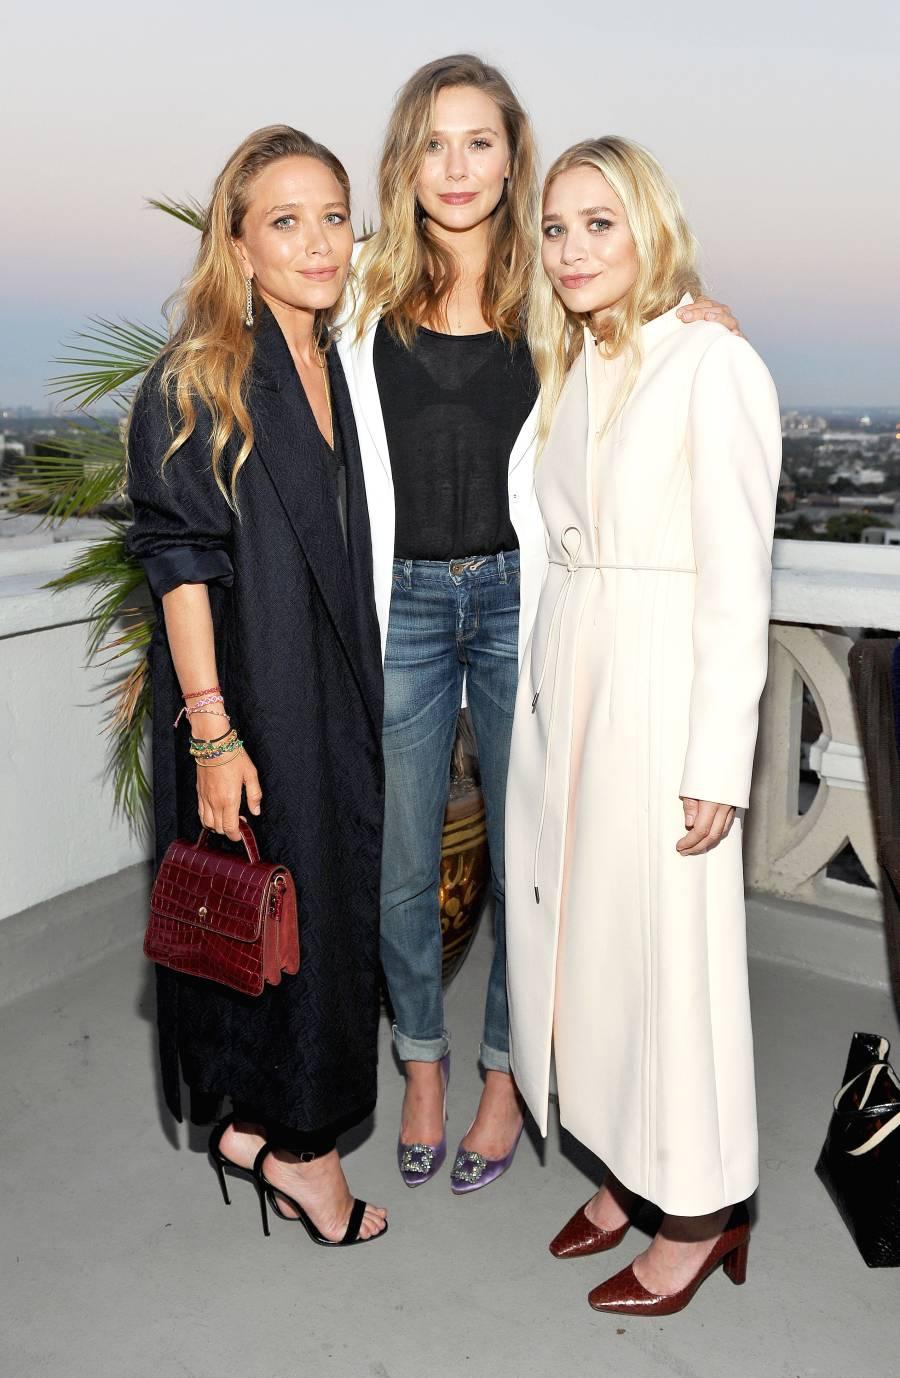 Mary-Kate Olsen, Elizabeth Olsen and Ashley Olsen